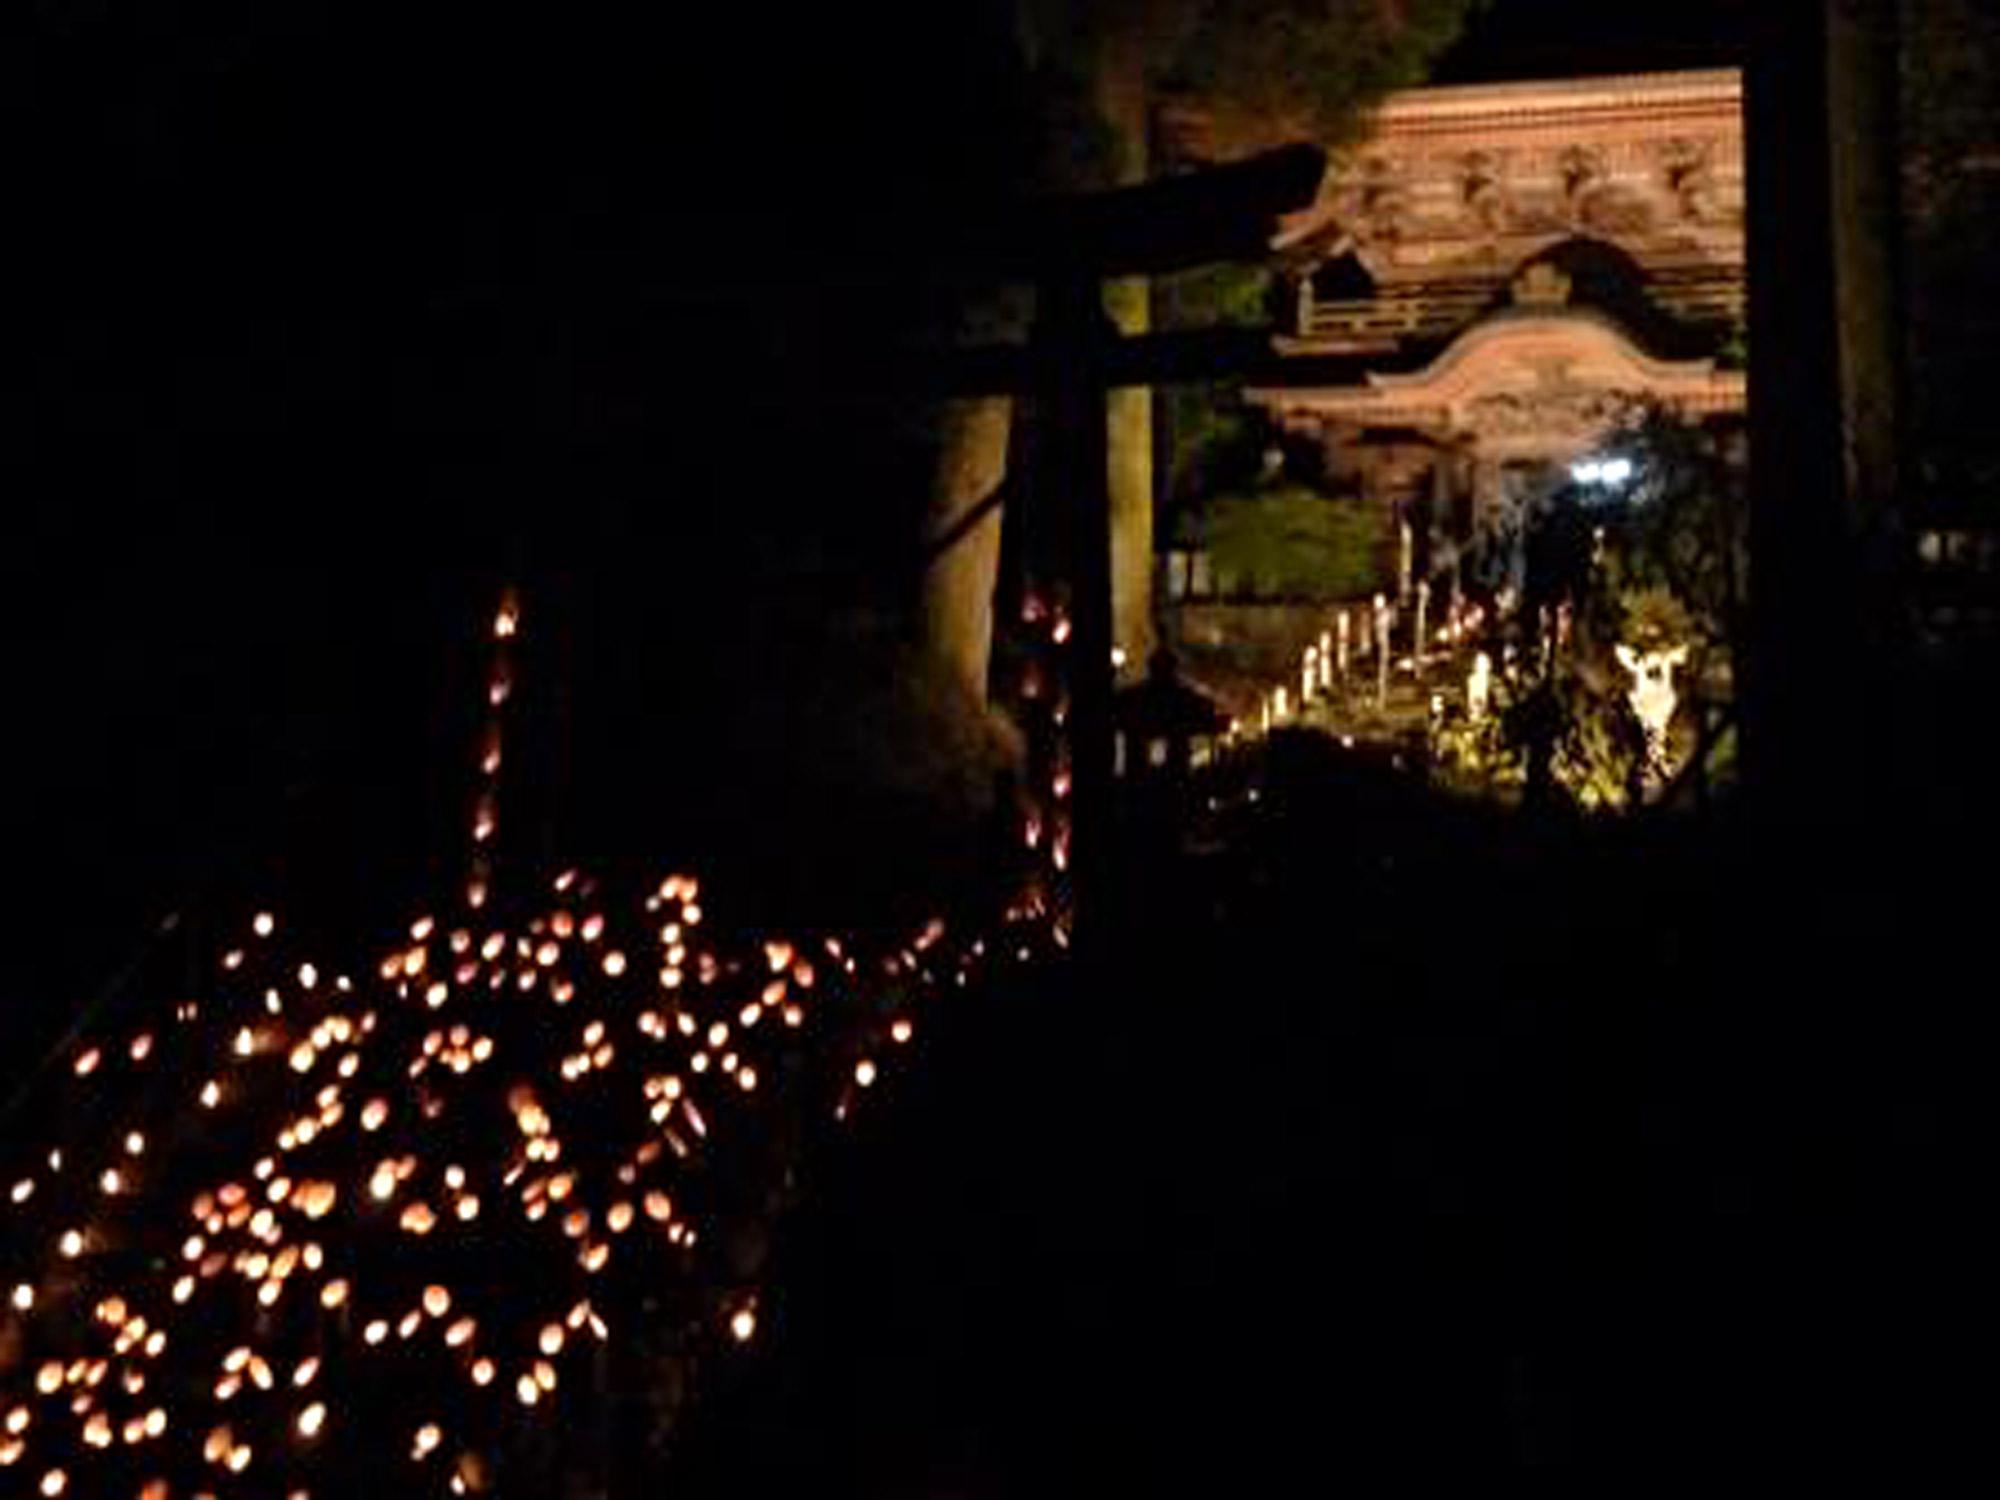 大分丸山八幡神社の竹灯篭の様子